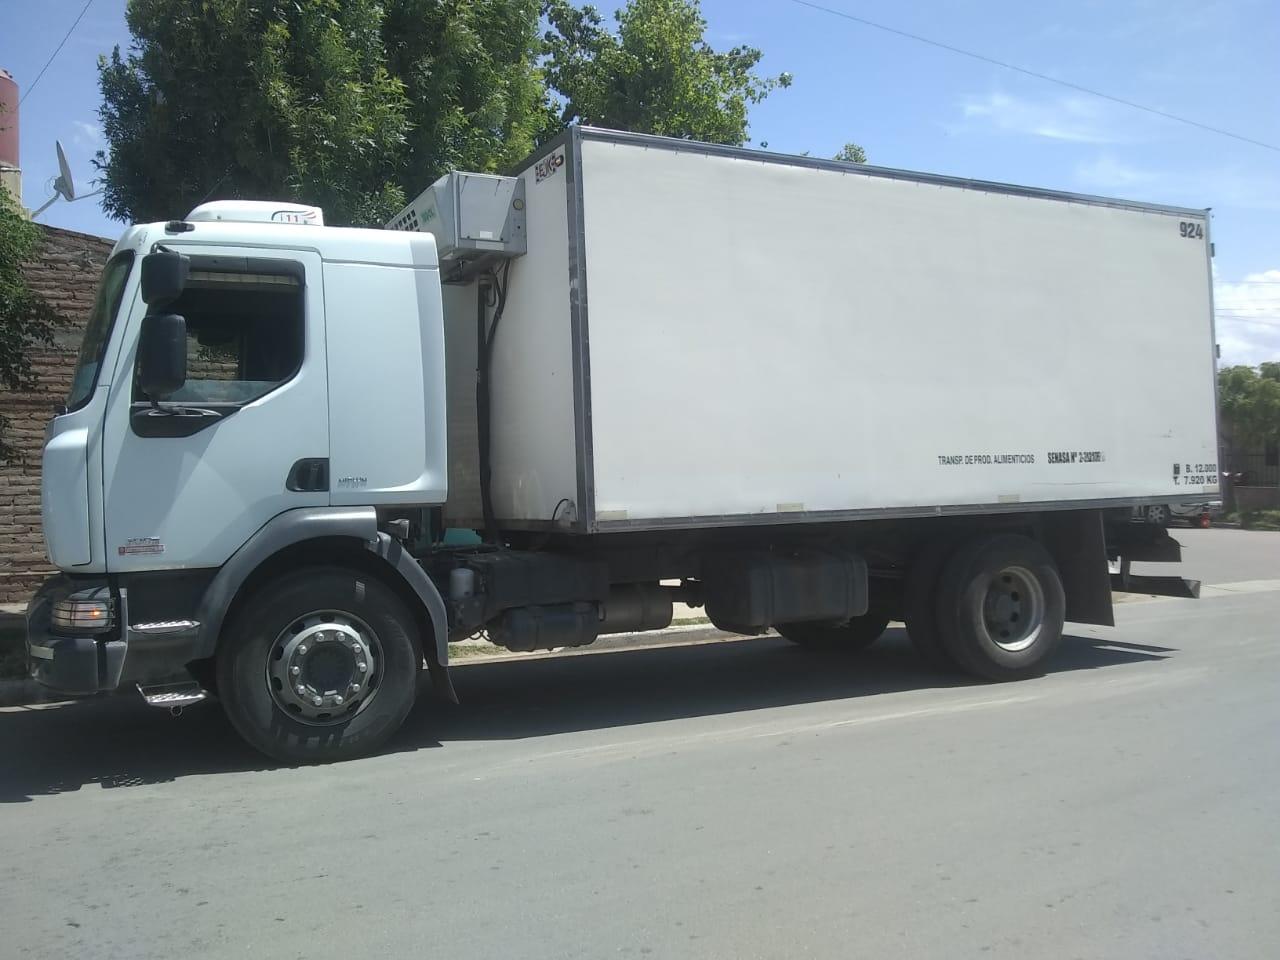 Robaron alrededor de $ 50 mil pesos de un camión repartidor de lácteos en barrio Ranqueles